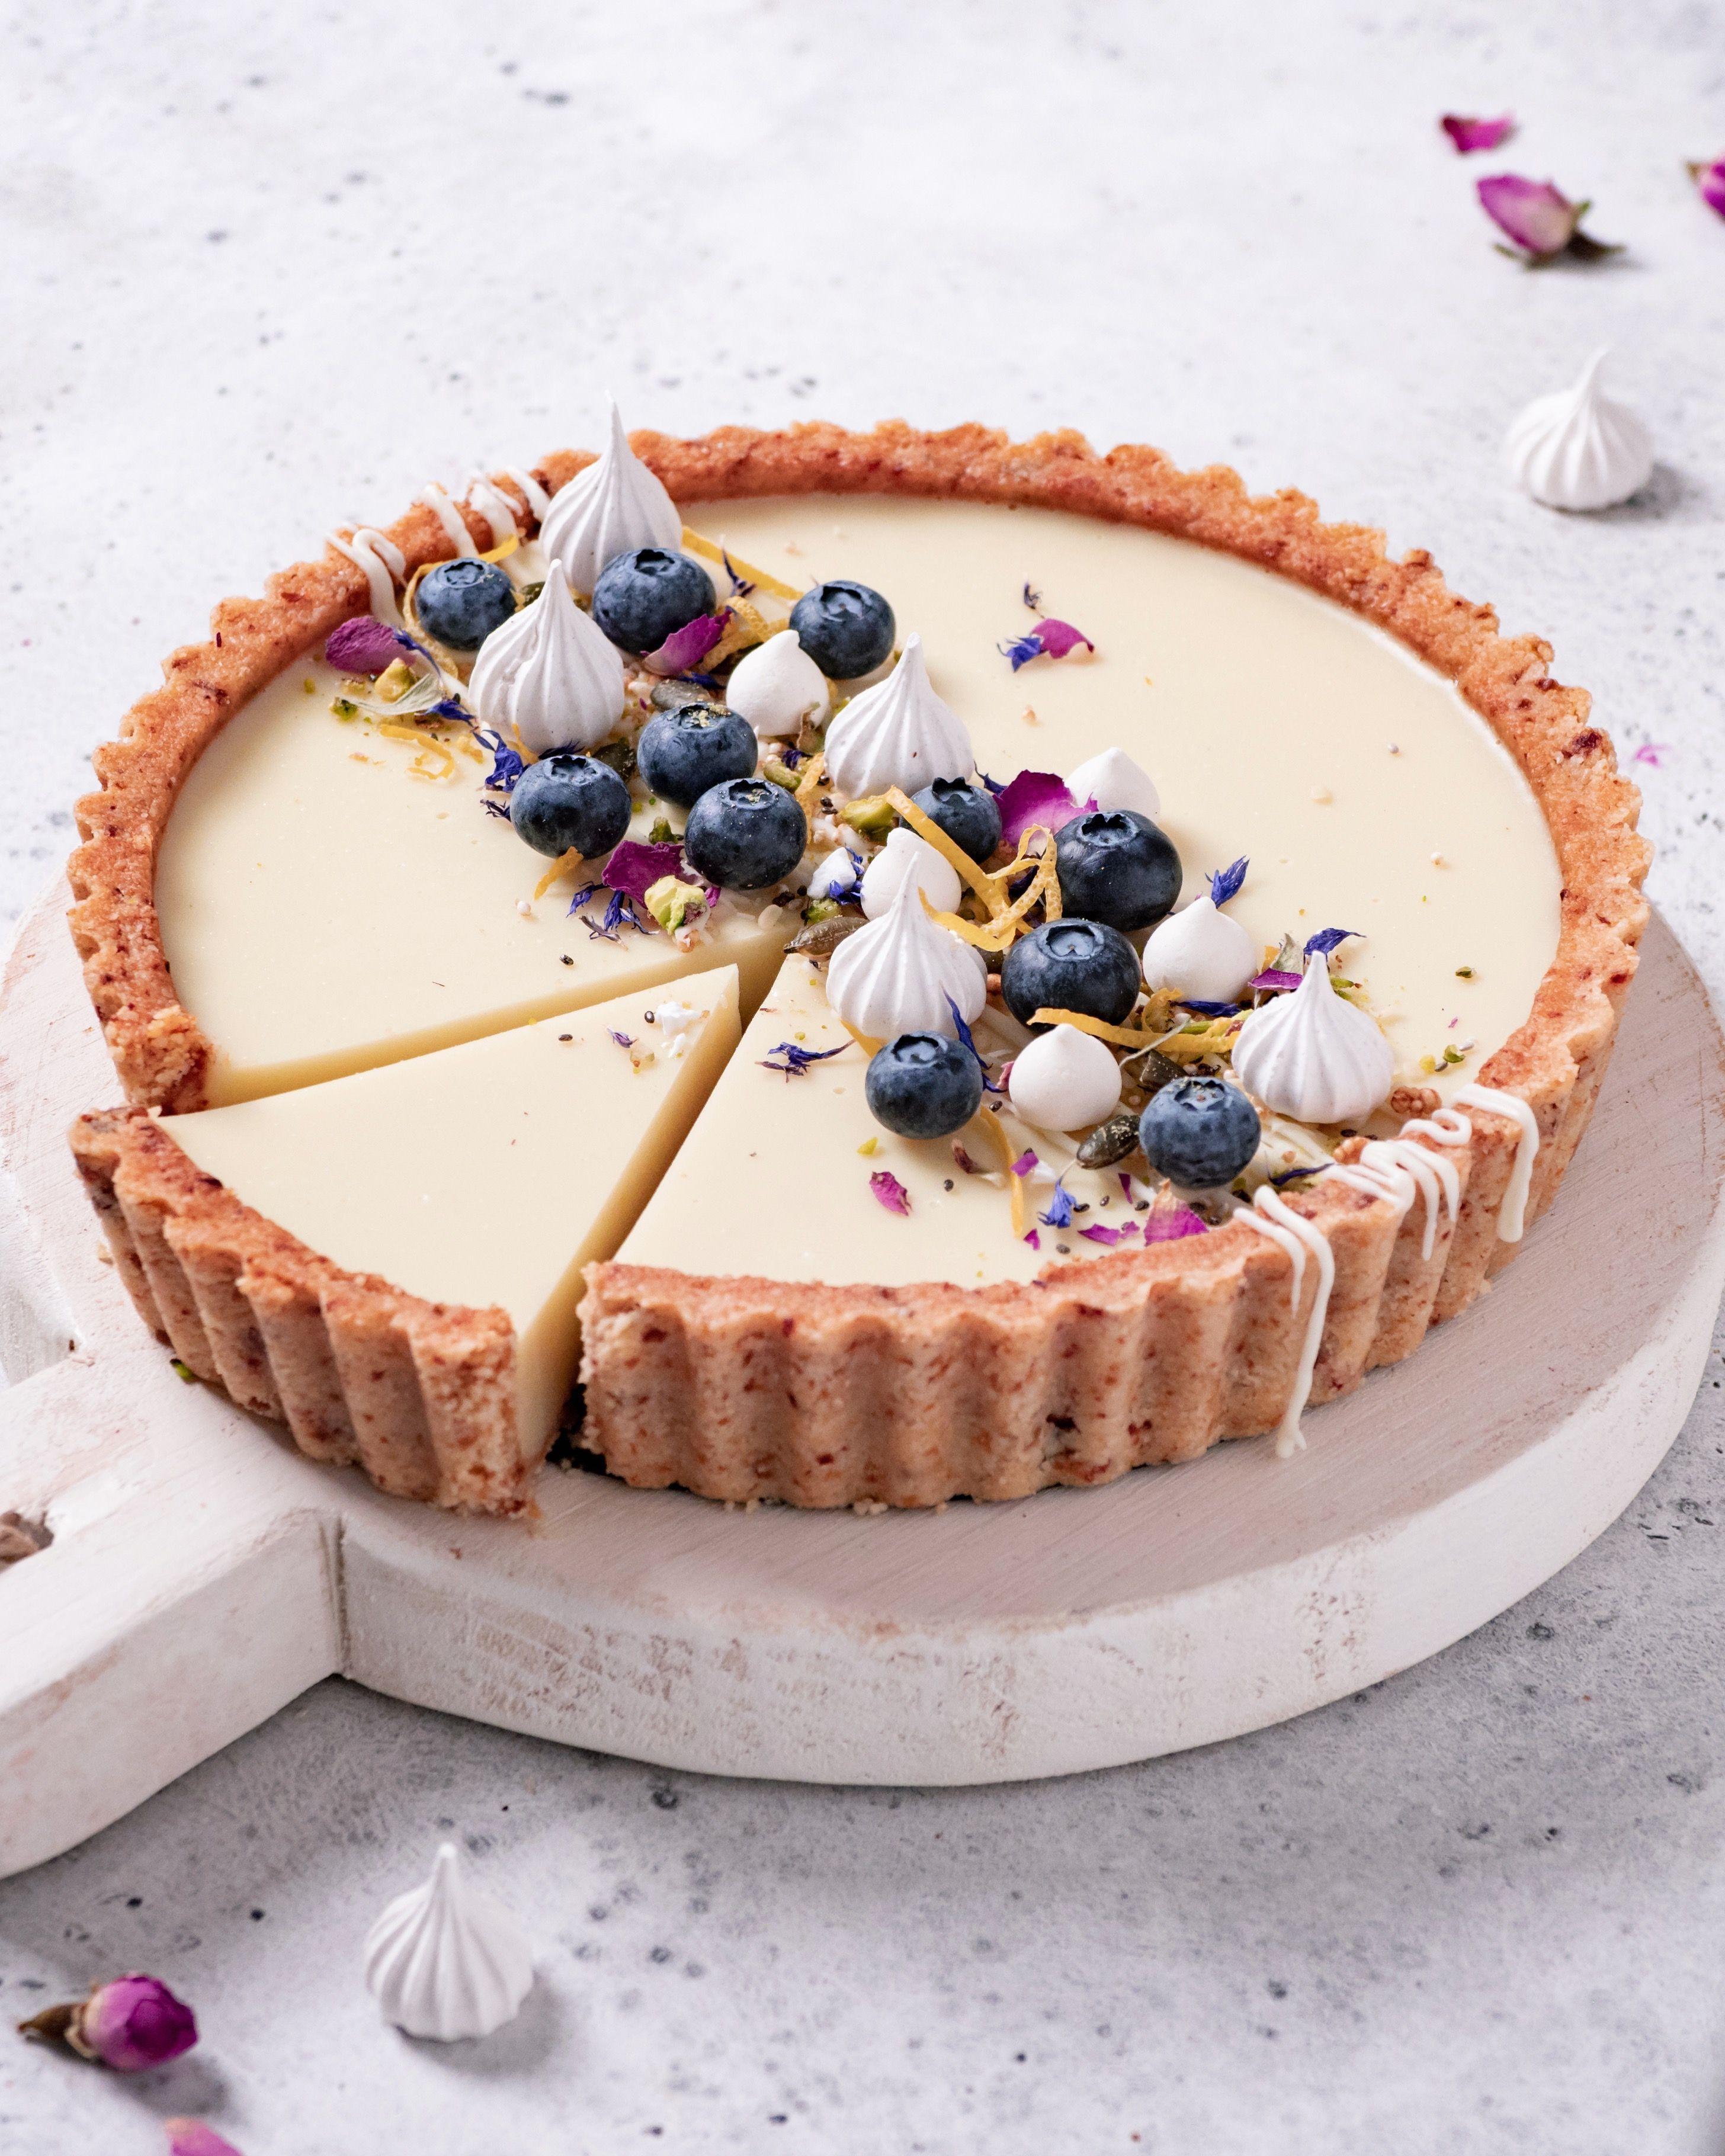 Lemon Custard Pie recipe by Yukiko ♡  | The Feedfeed #sweetpie